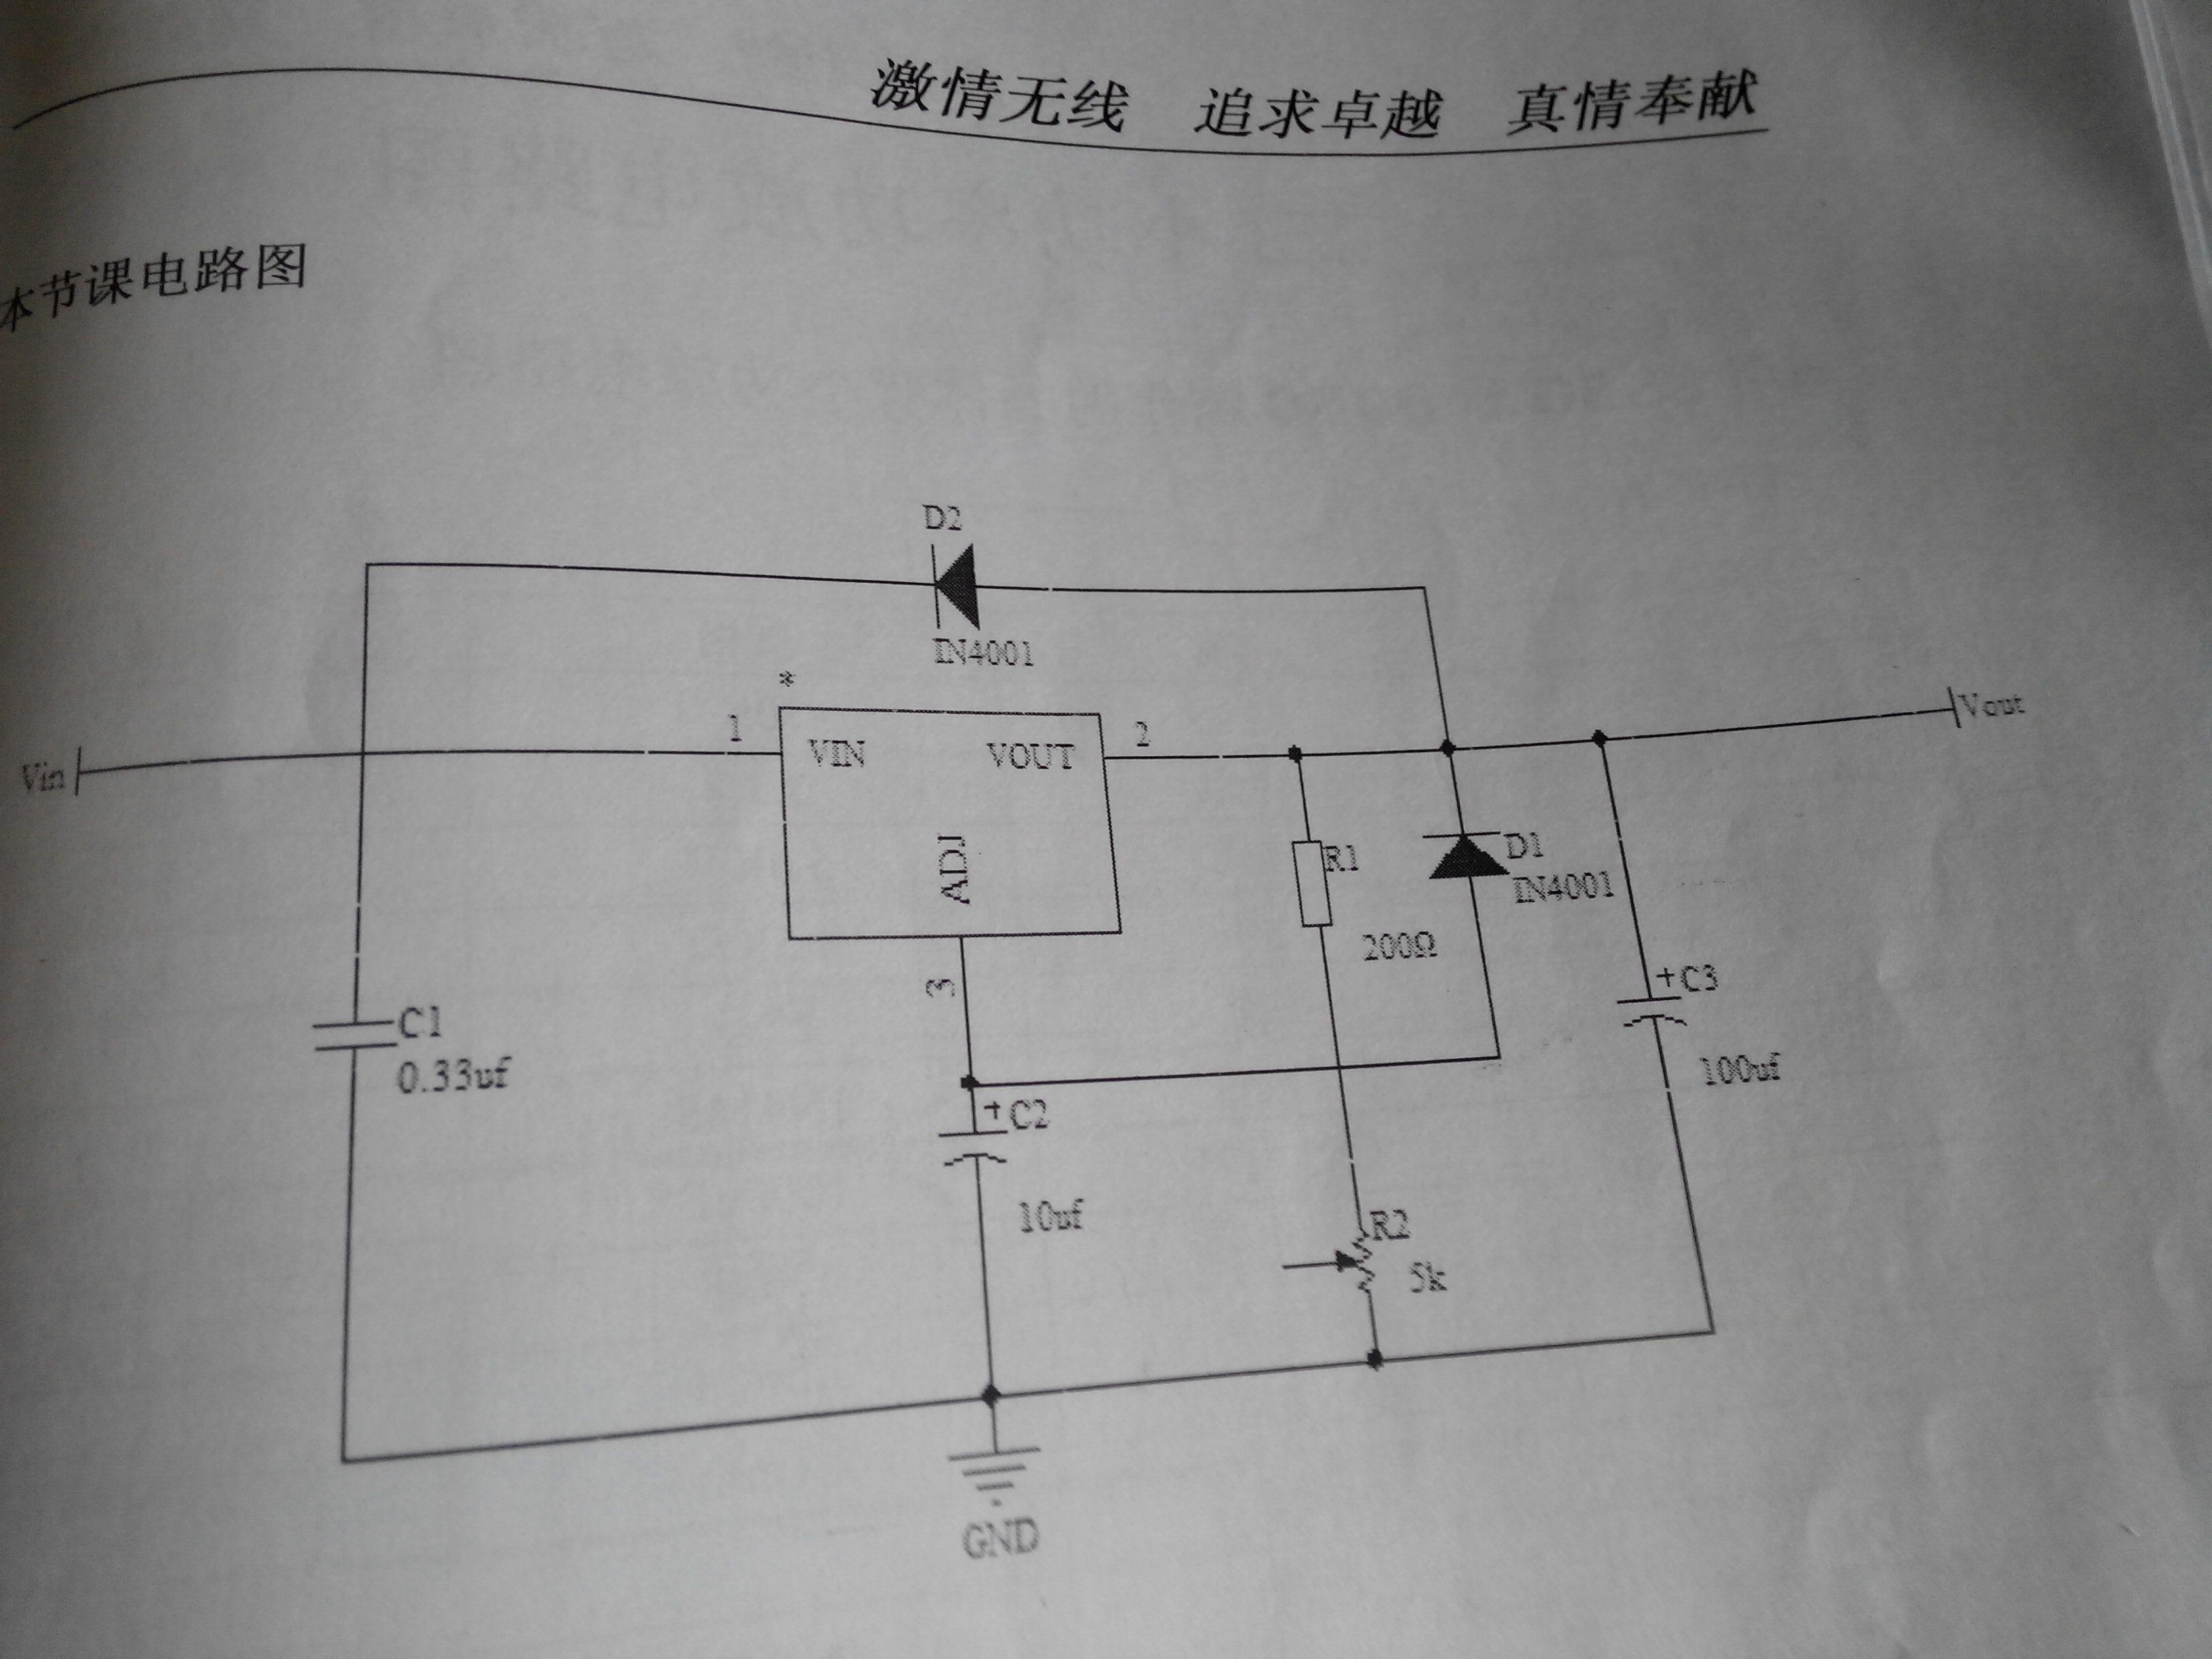 这是一个lm317稳压电路图吗?请问它的工作原理是什么